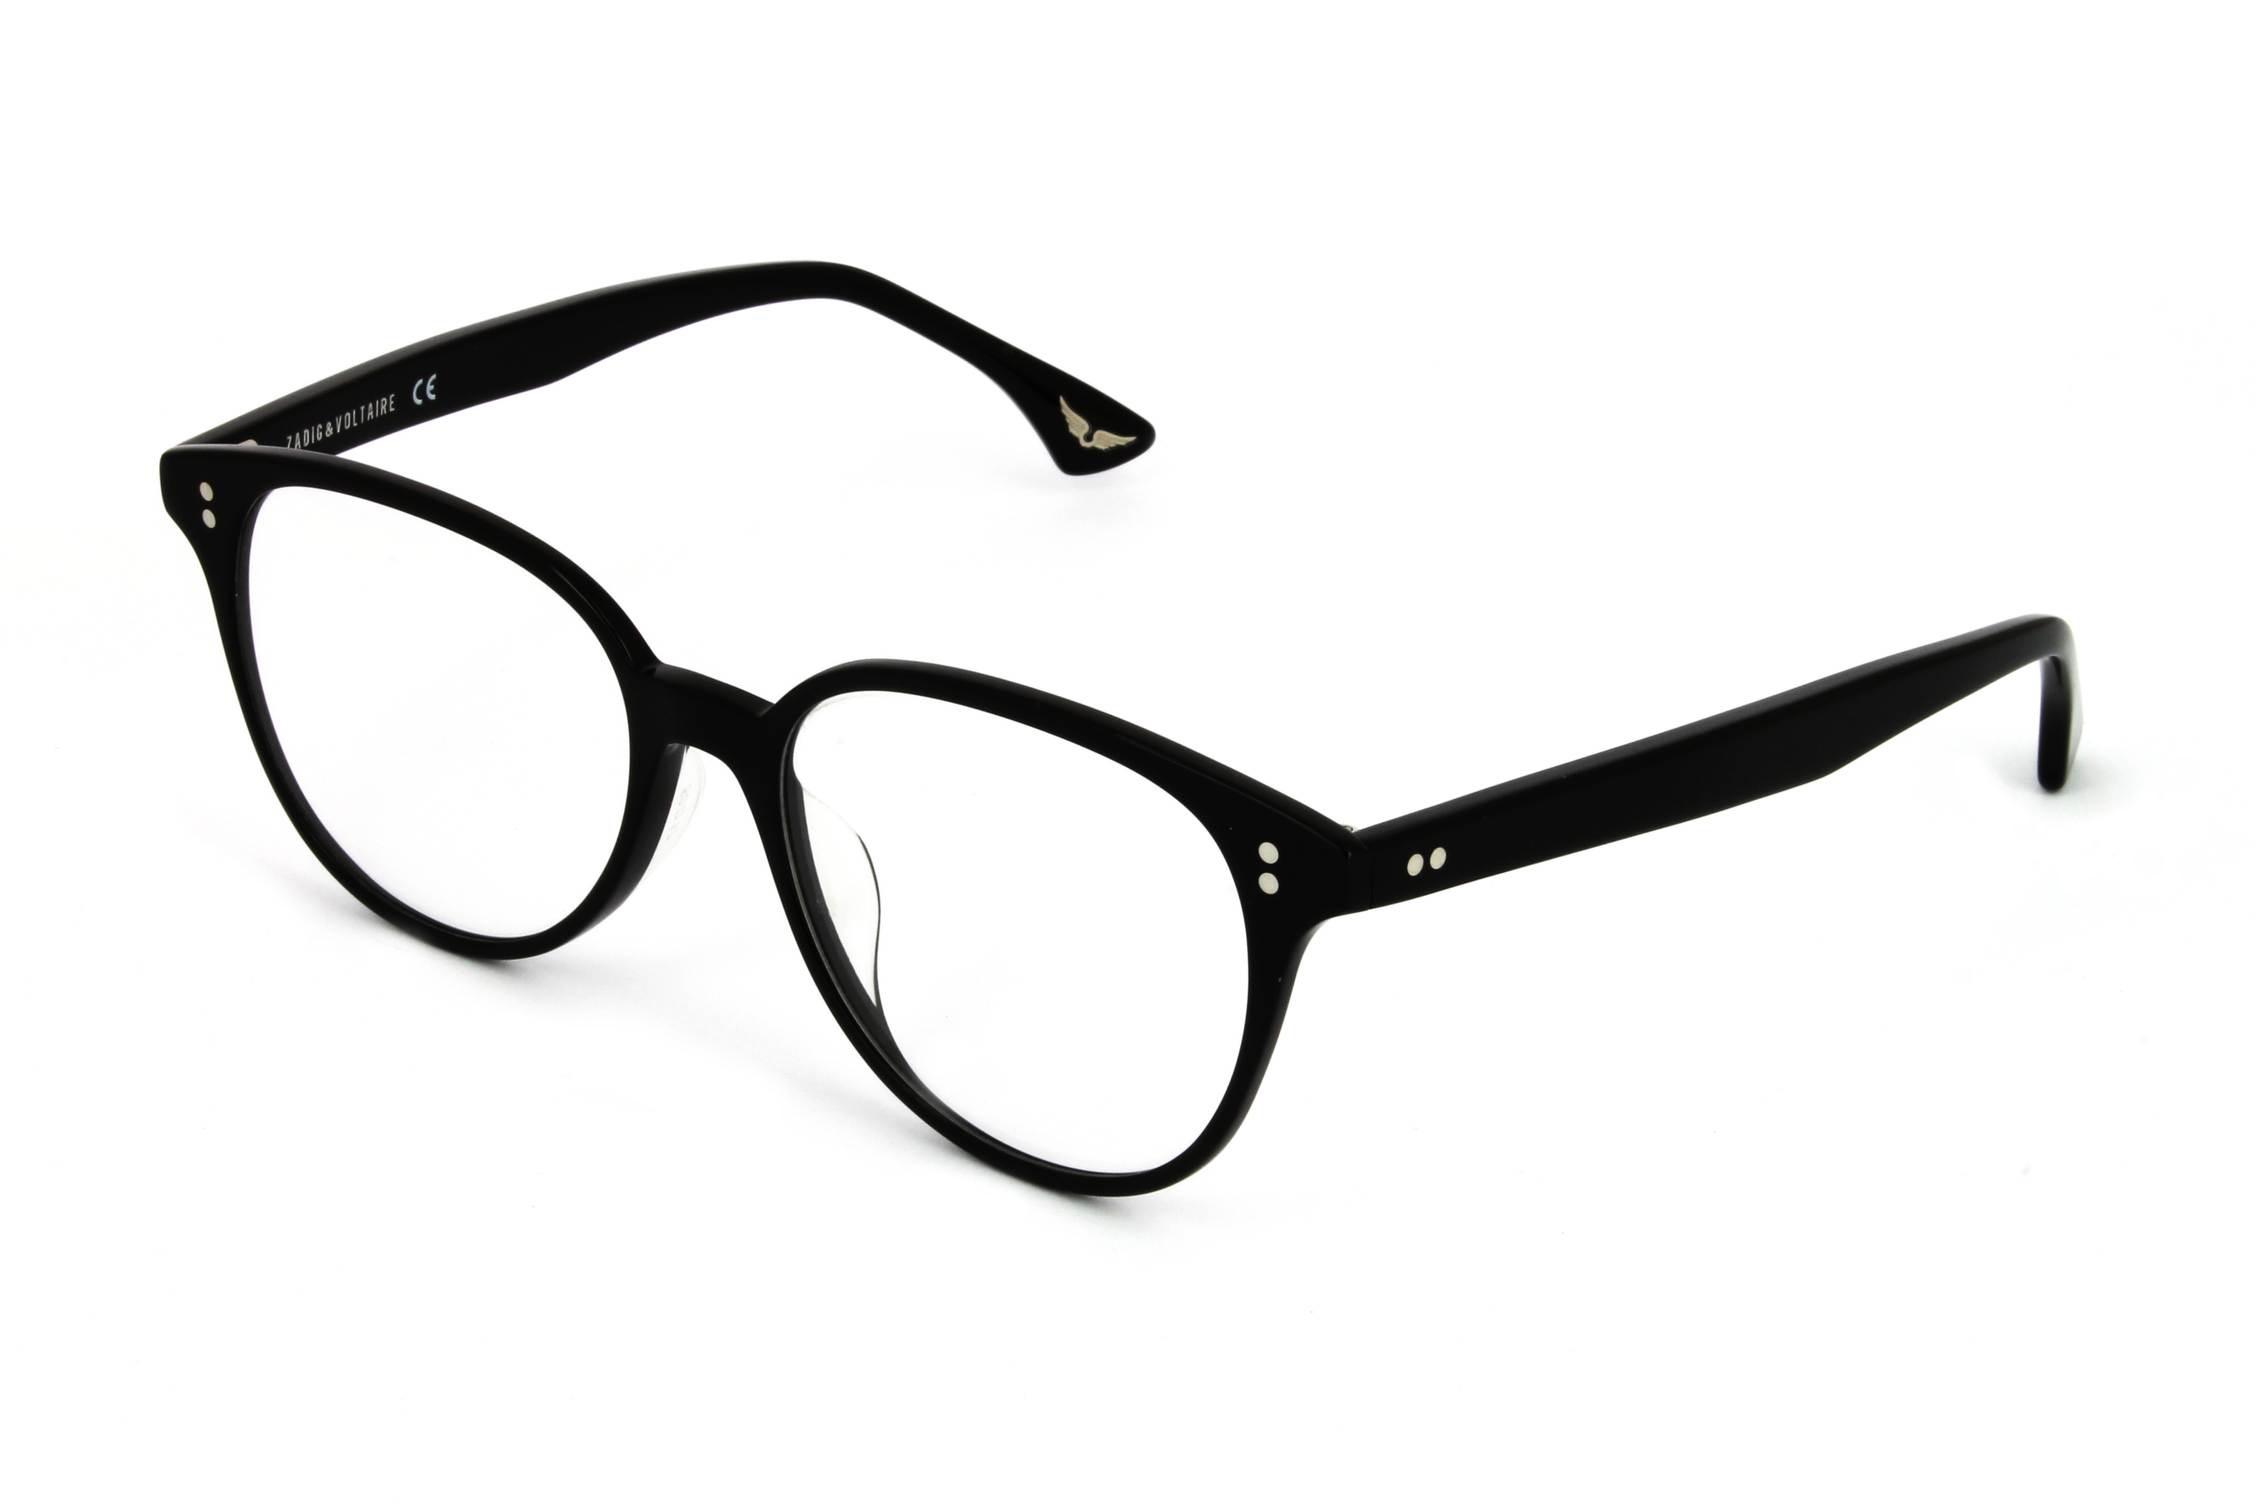 lunette de vue   je pr u00e9f u00e8re porter des lunettes que des